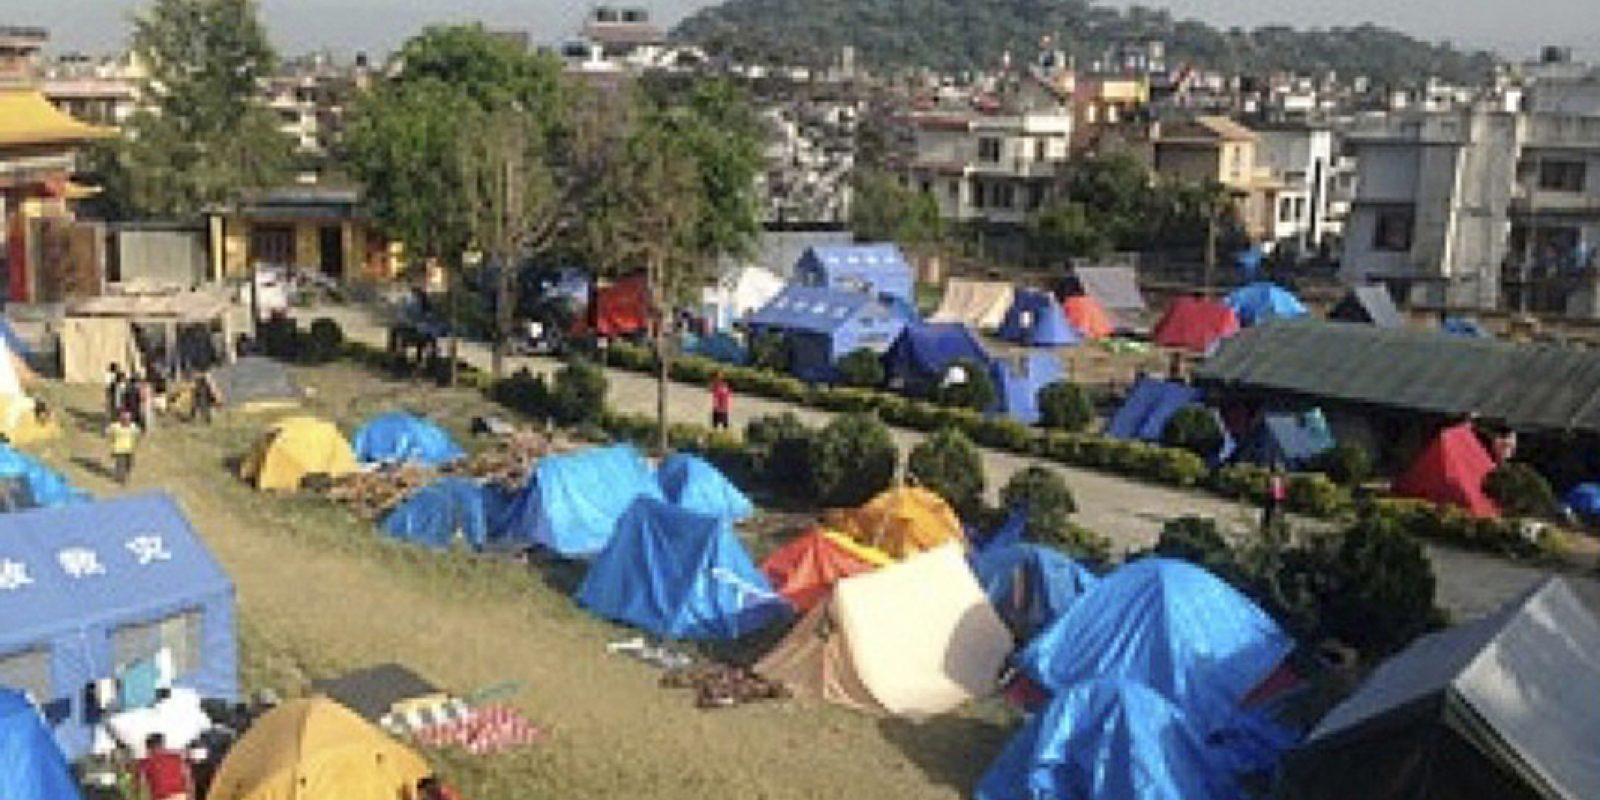 Campement avec abris de fortune des Tibétains victimes du tremblement de terre du 25 avril 2015 au Népal